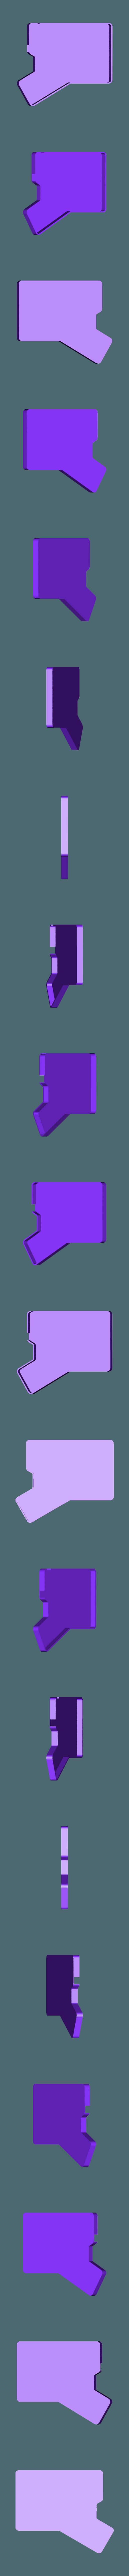 project-zen-right-resized.stl Télécharger fichier SCAD gratuit Cas du clavier Zen Project • Plan imprimable en 3D, rsheldiii